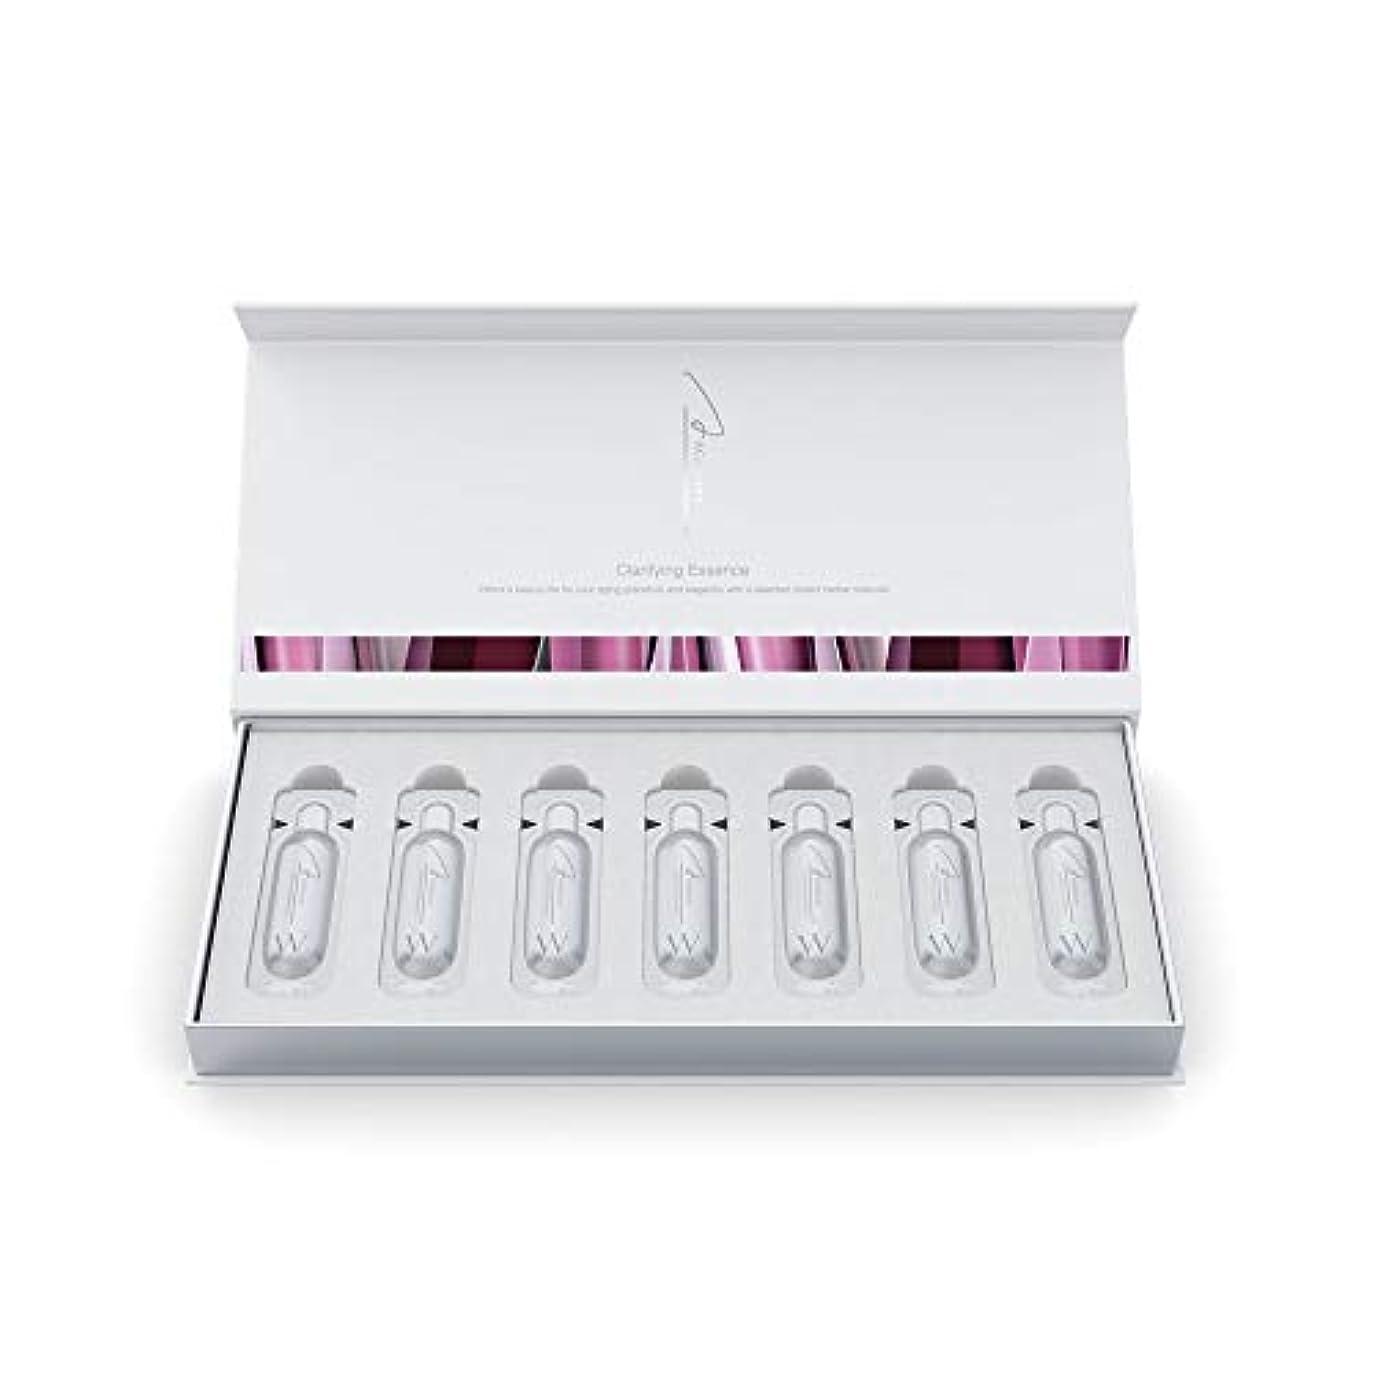 恐怖症人工的なセブンアクシージア (AXXZIA) エイジーセオリー クラリファイング エッセンス 28mL(1mL×28本)| 美容液 40代 50代 おススメ 化粧品 ハリ